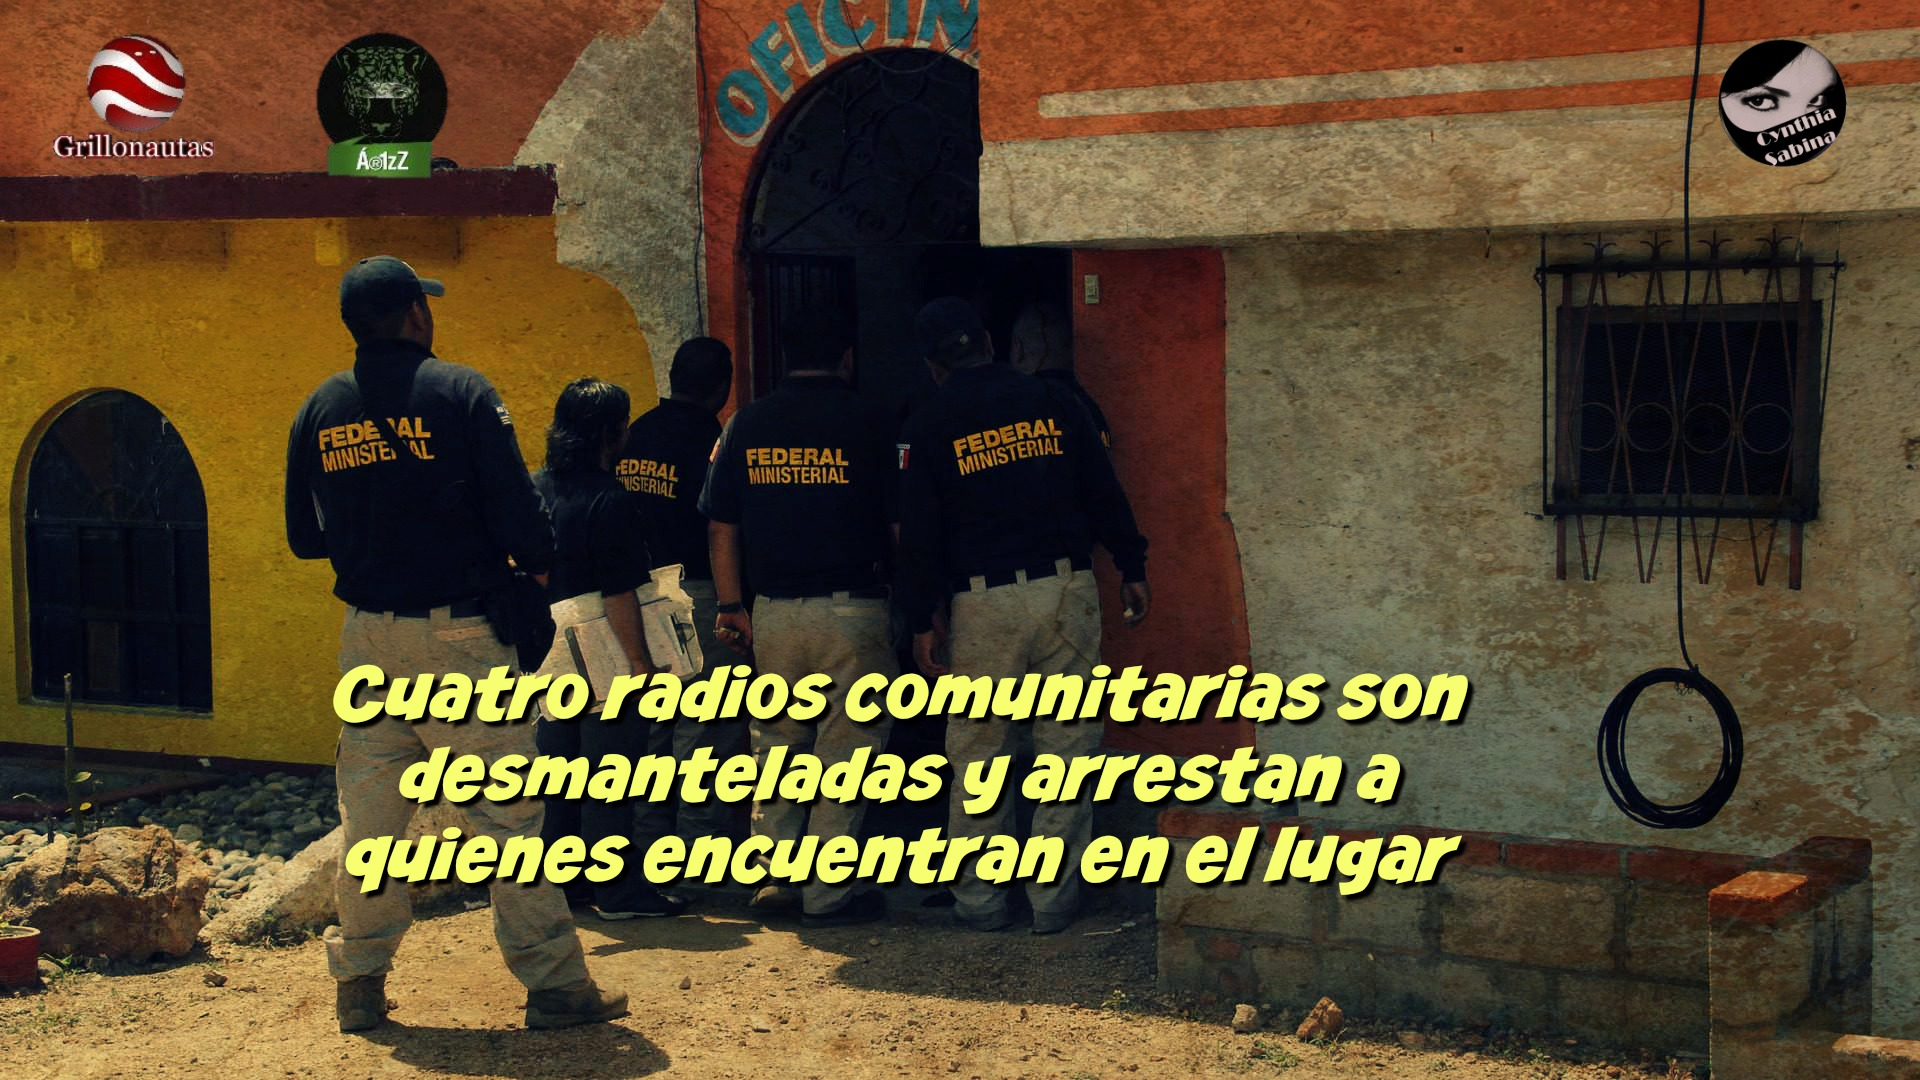 Cuatro radios comunitarias son desmanteladas y arrestan a quienes encuentran en el lugar